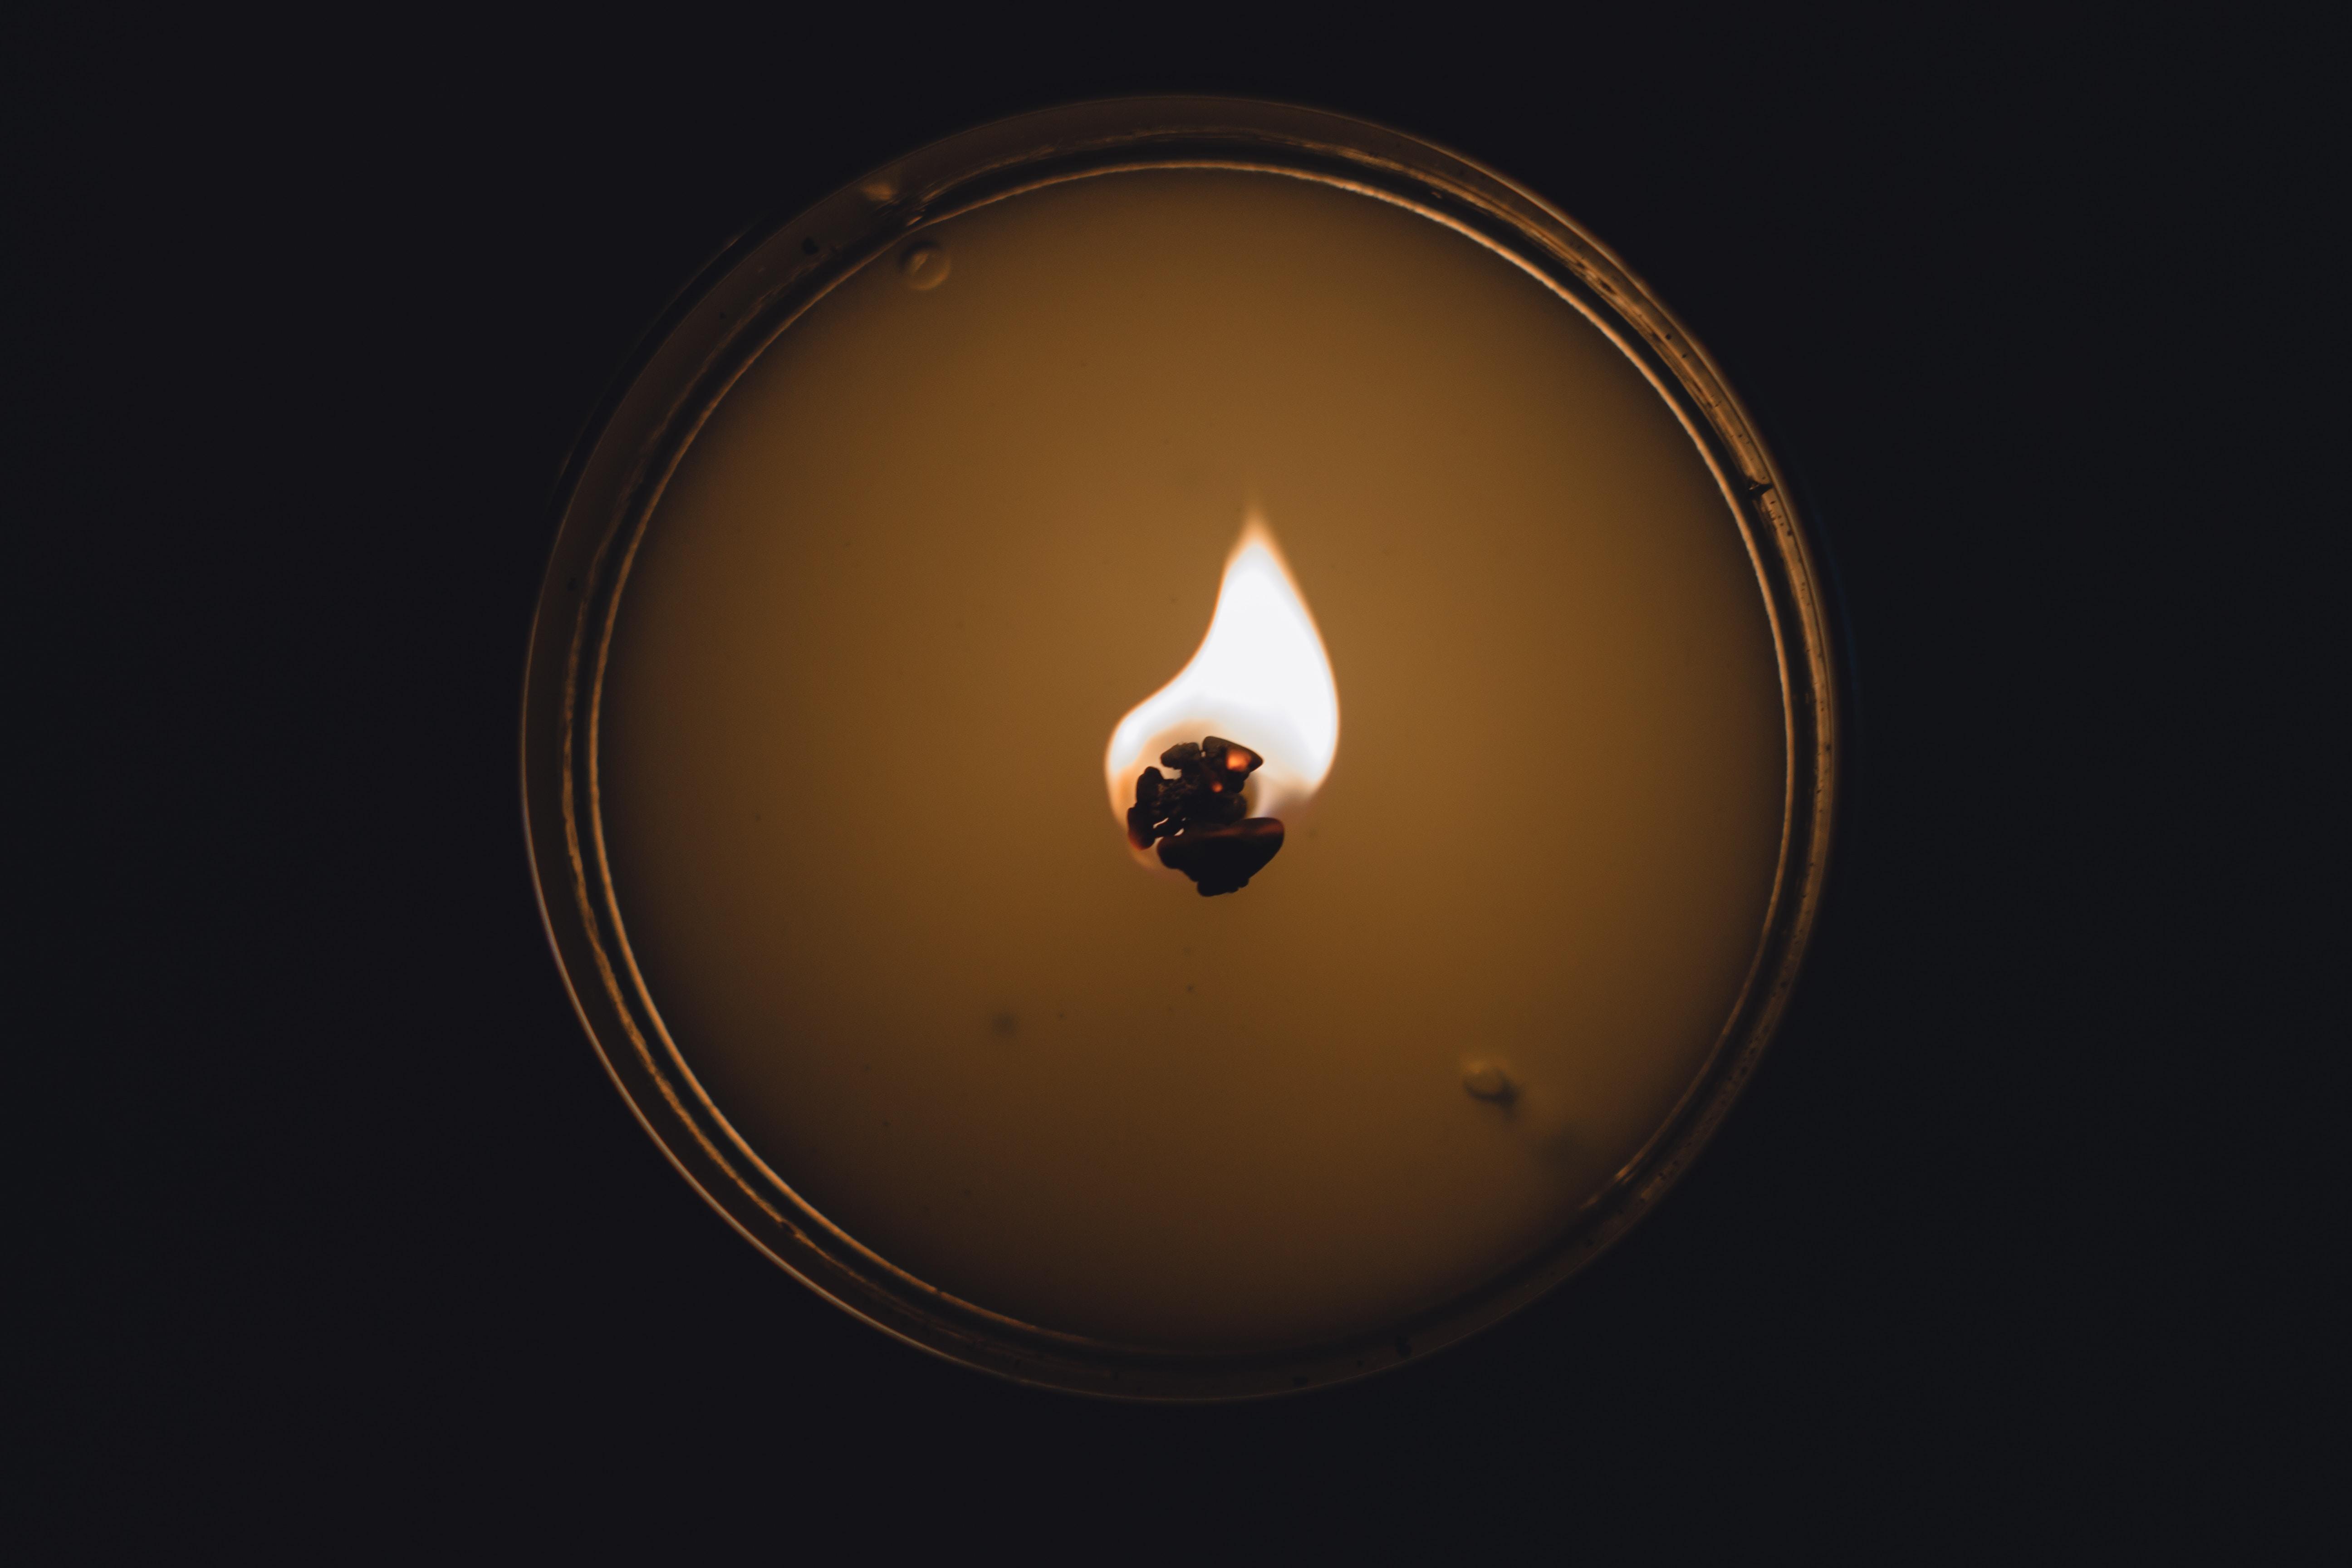 burning candle photography